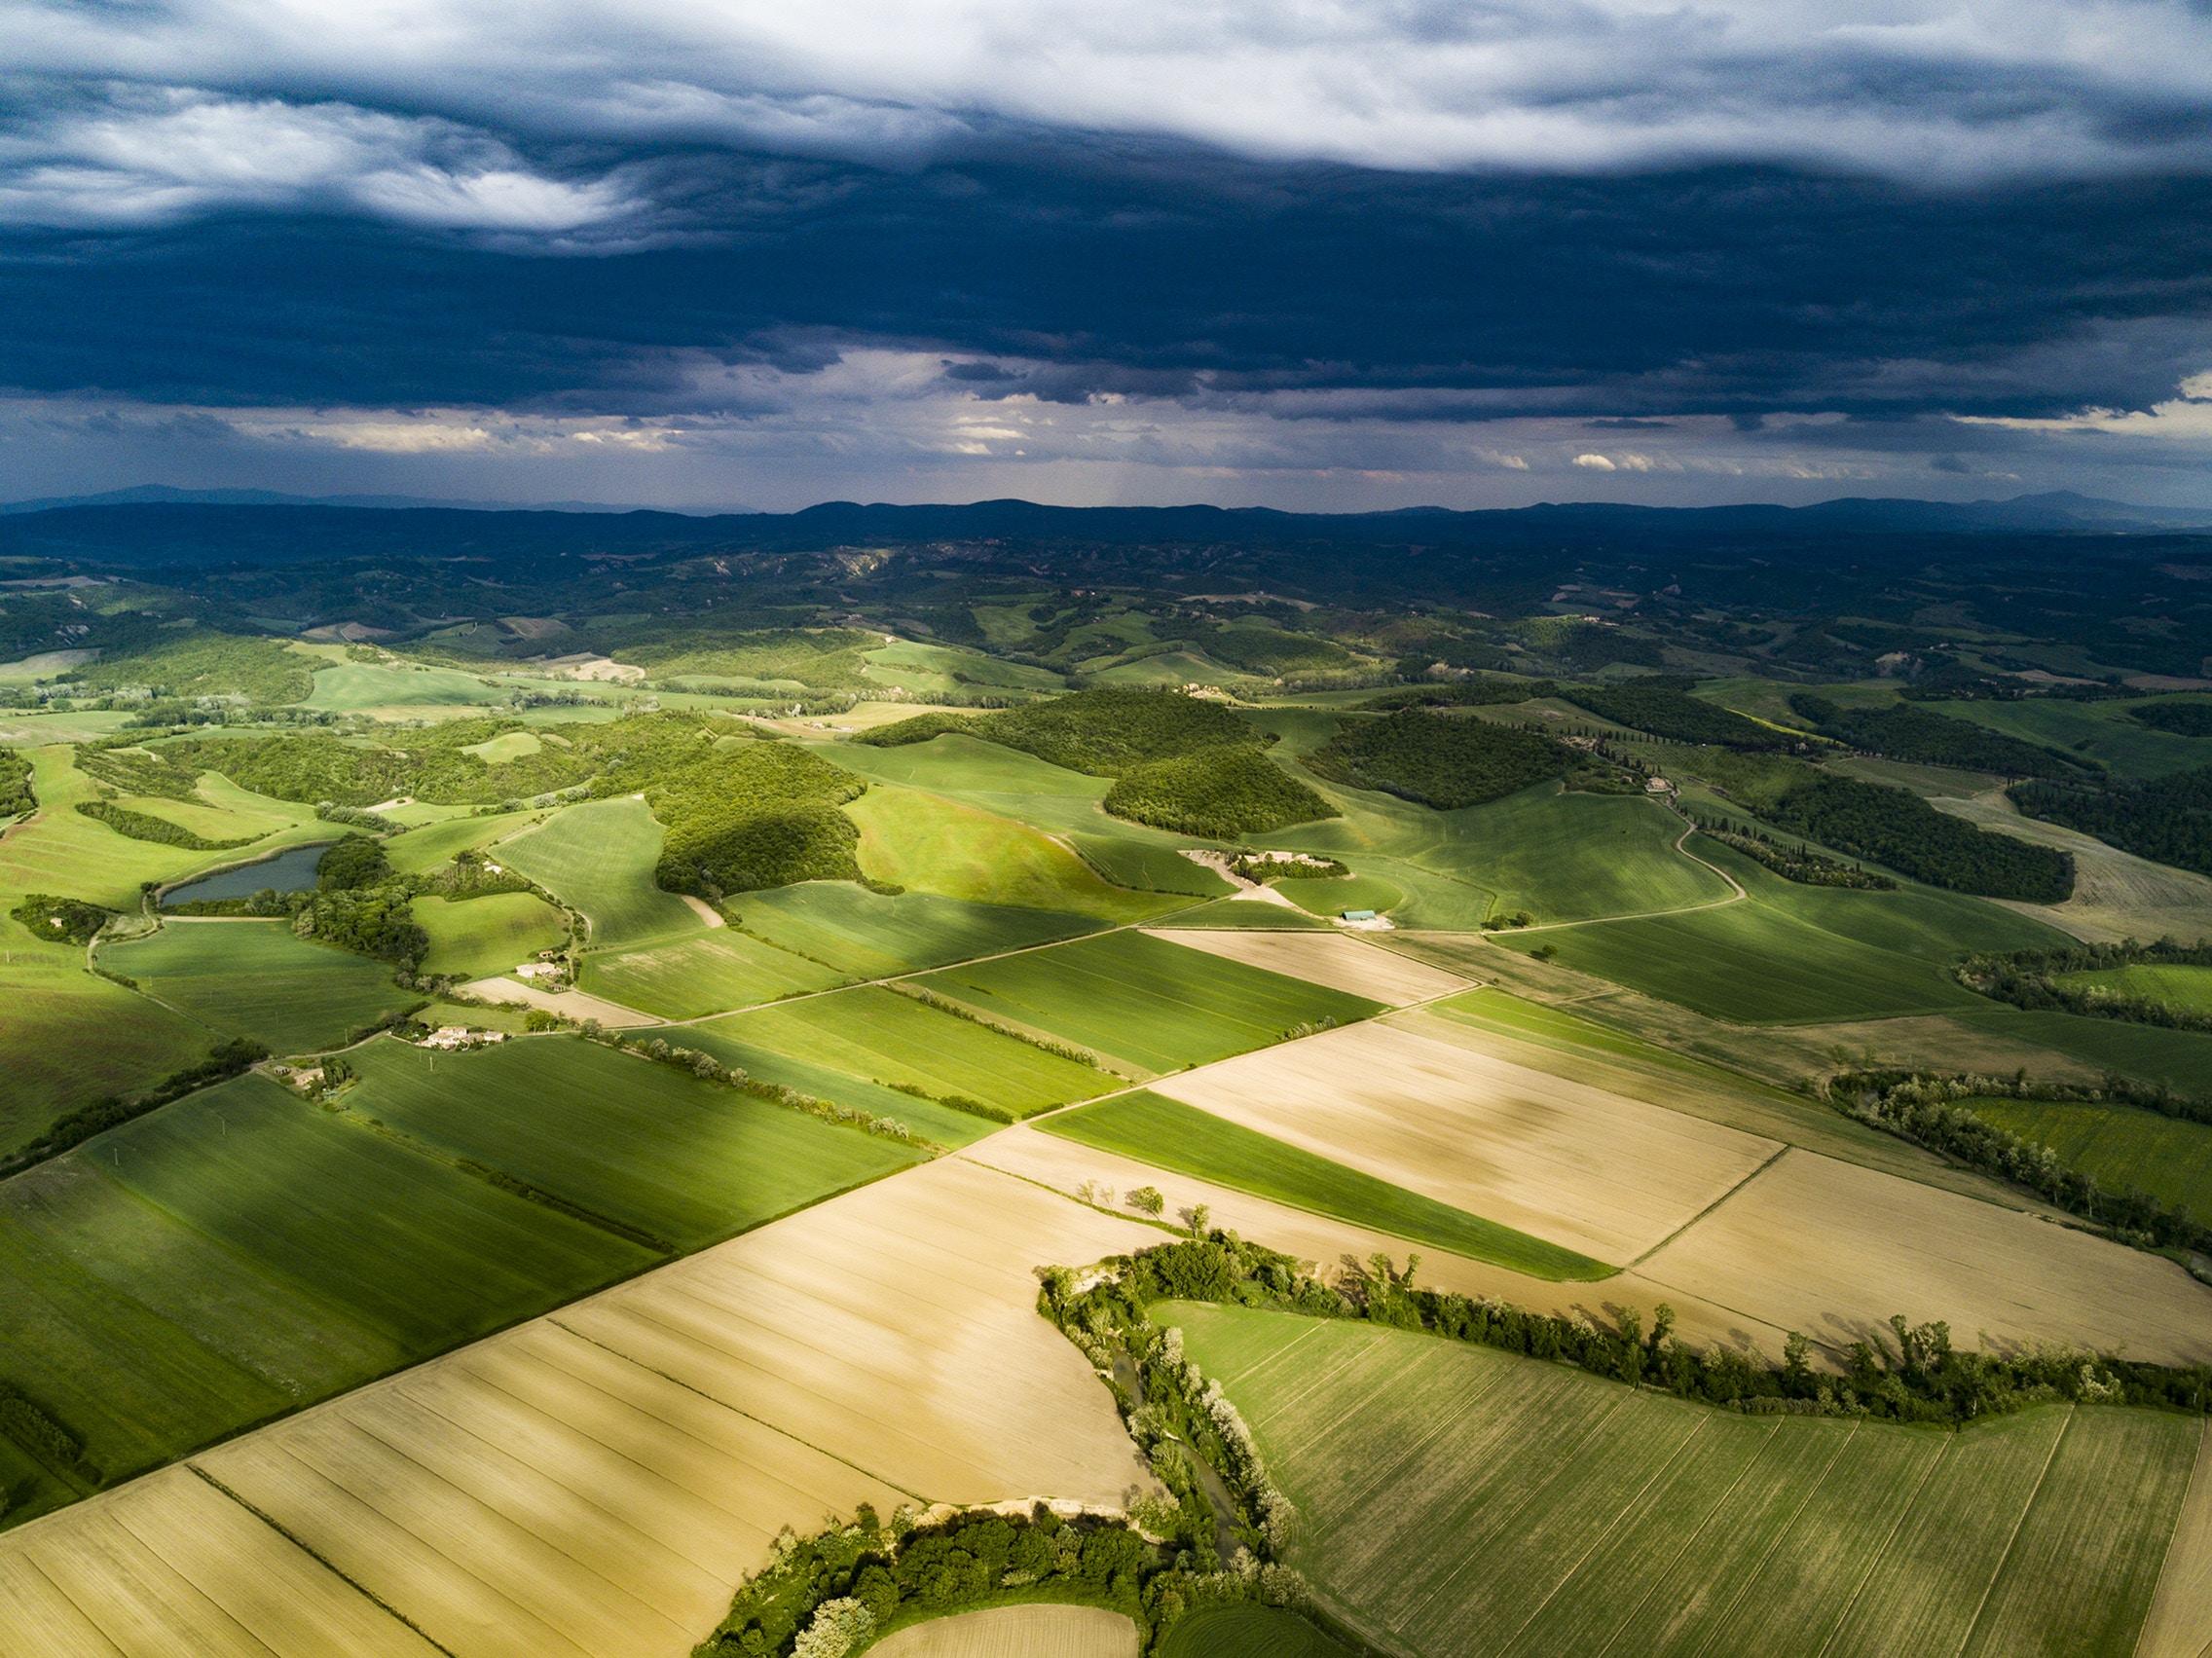 Jedes Feld ist Einzigartig - Jeder Landwirt kennt es: An einer Stelle des Schlags wachsen jedes Jahr viele Pflanzen, an anderer Stelle scheint es einfach nicht zu klappen.Das Wachstumspotenzial auf einem Feld ist nicht gleichmäßig sondern in verschiedene Zonen verteilt. Auf Flächen mit hohem Potenzial wächst mehr Biomasse, auf Flächen mit niedrigem Potenzial weniger Biomasse. Solorrow erkennt diese Zonen und erstellt eine individuelle Feldpotenzialkarte für Ihren Schlag.Basis für die Feldpotenzialkarte bilden Satellitenbilder der letzten 5 Jahre. Diese Langzeit-Feldpotenzialbeobachtung hat den Vorteil, dass die Potenzialkarte unabhängig von der angebauten Fruchtart sowie der aktuellen Wachstumsphase der Pflanzen erstellt werden kann.Sie können Feldkarten in den folgenden Ländern abrufen: Belgien, Bulgarien, Dänemark, Deutschland, Frankreich, Luxemburg, den Niederlanden, Österreich, Polen, der Slowakei, Slowenien, Spanien, Tschechien und dem Vereinigten Königreich.